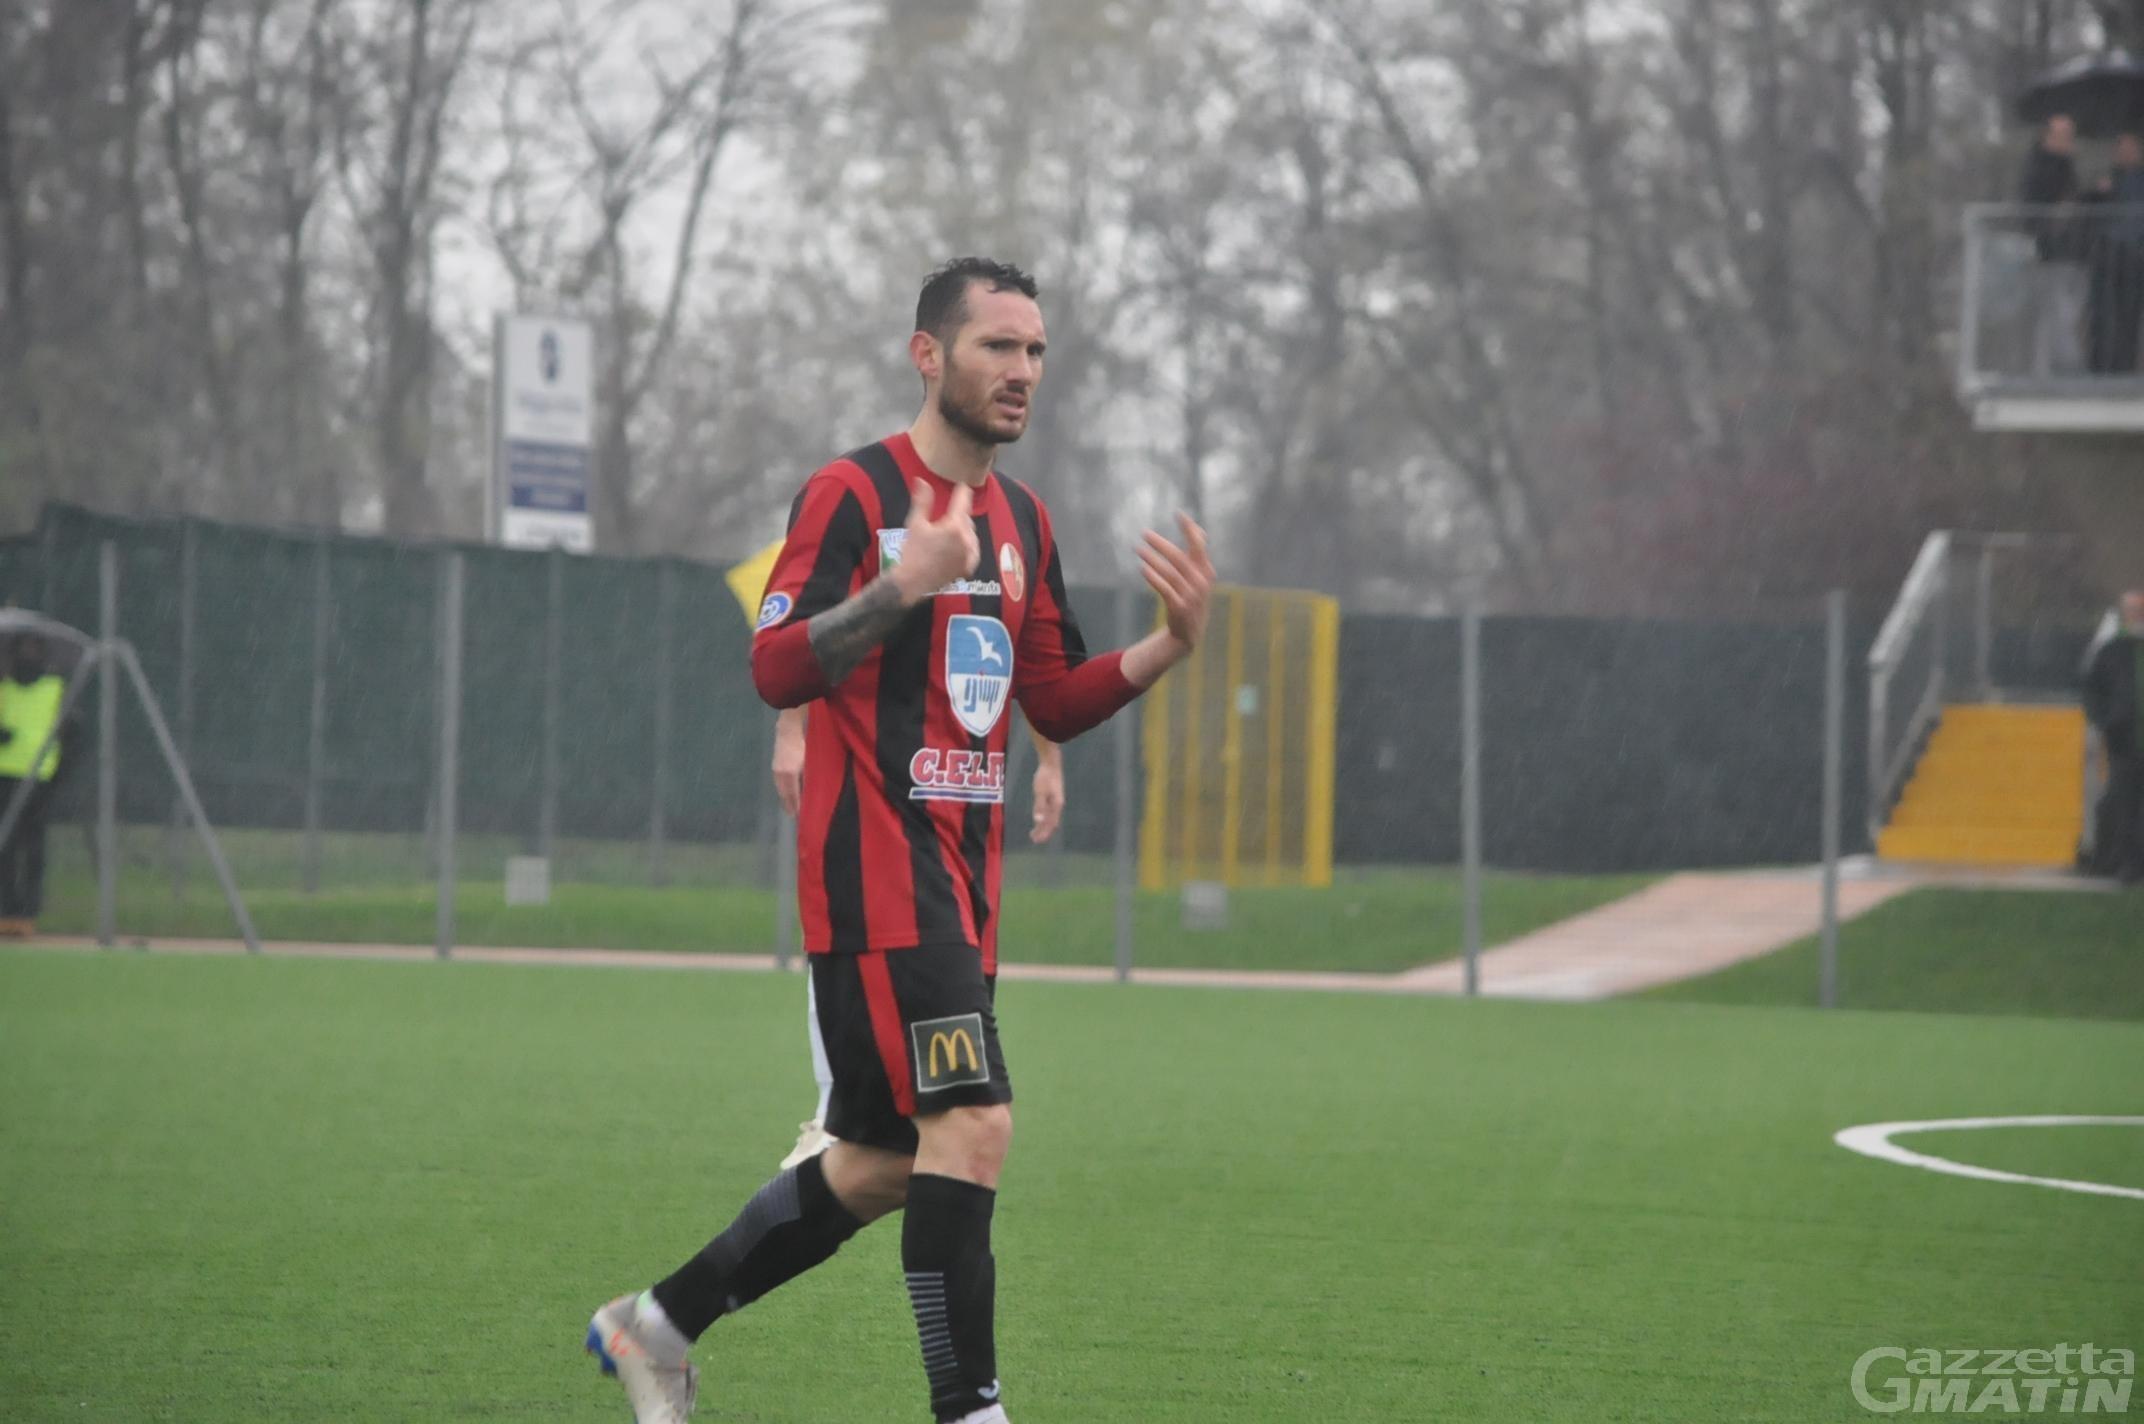 Calcio: Andrea Vignali è un nuovo giocatore del P.D.H.A.E.